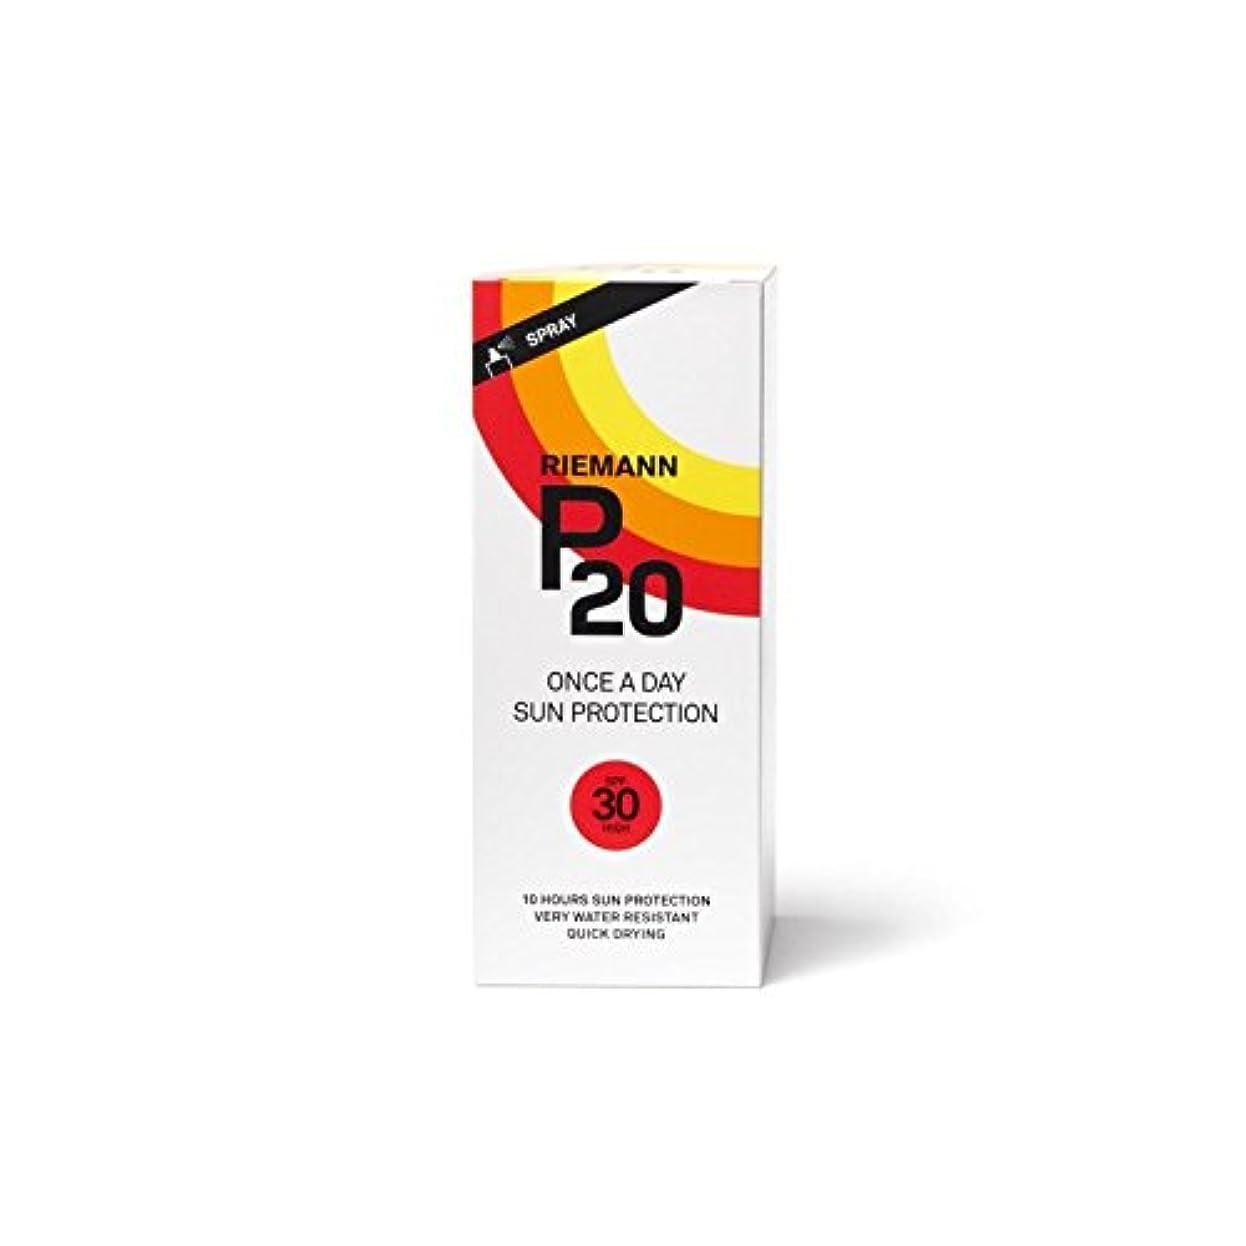 郡朝の体操をする賞賛リーマン20のサンフィルター200ミリリットル30 x4 - Riemann P20 Sun Filter 200ml SPF30 (Pack of 4) [並行輸入品]